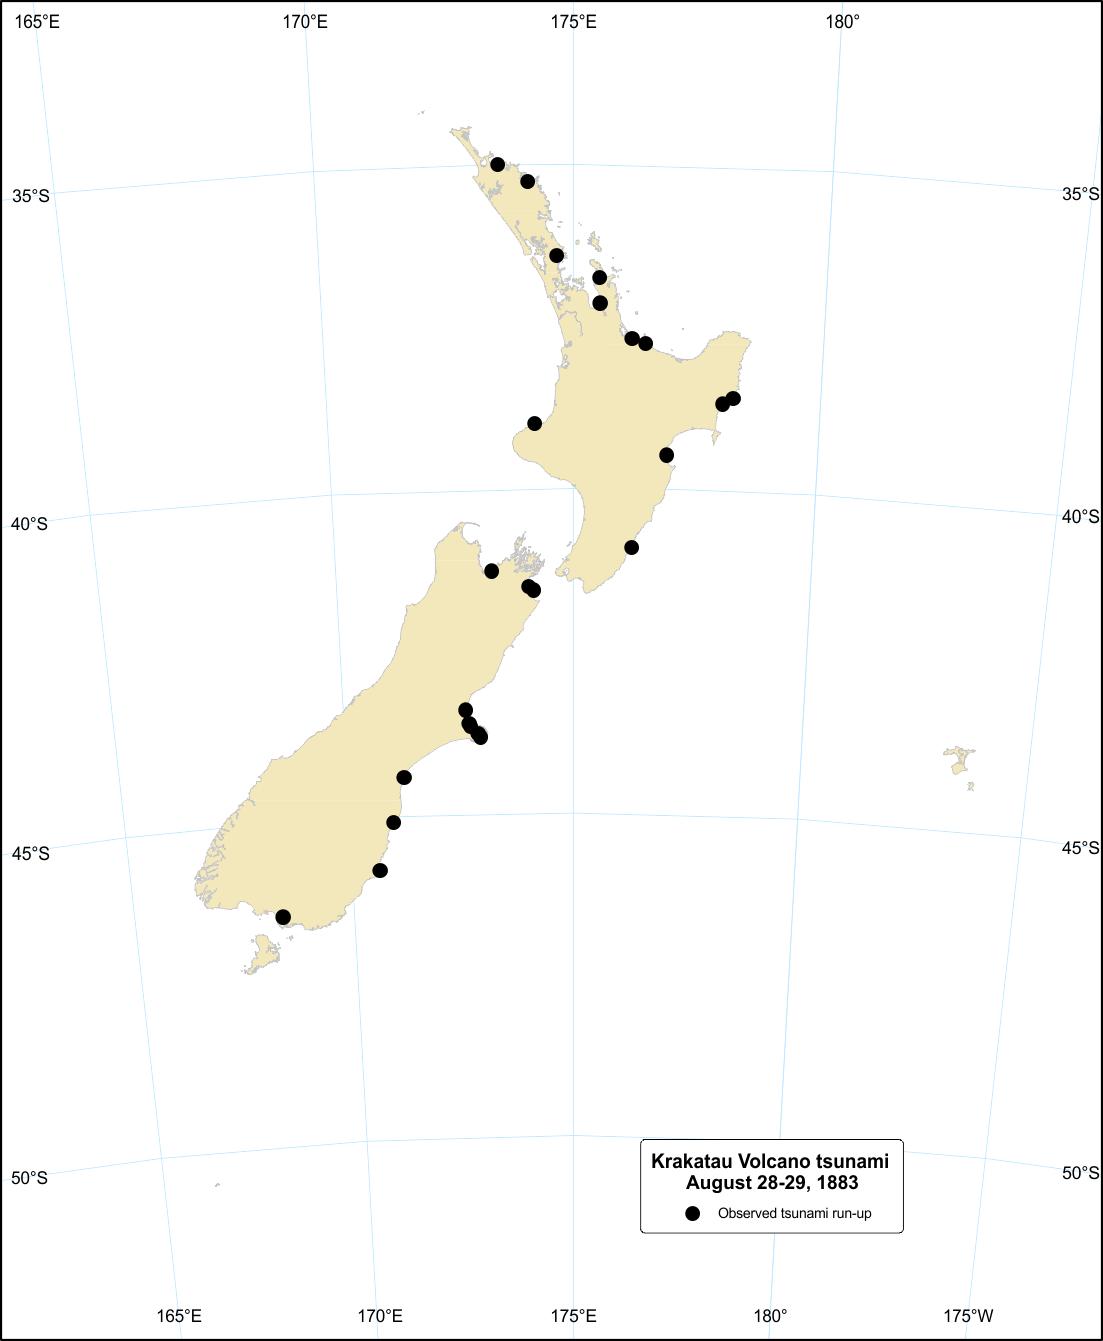 Geonet Krakatau Volcano Tsunami 28 To 29 August 1883